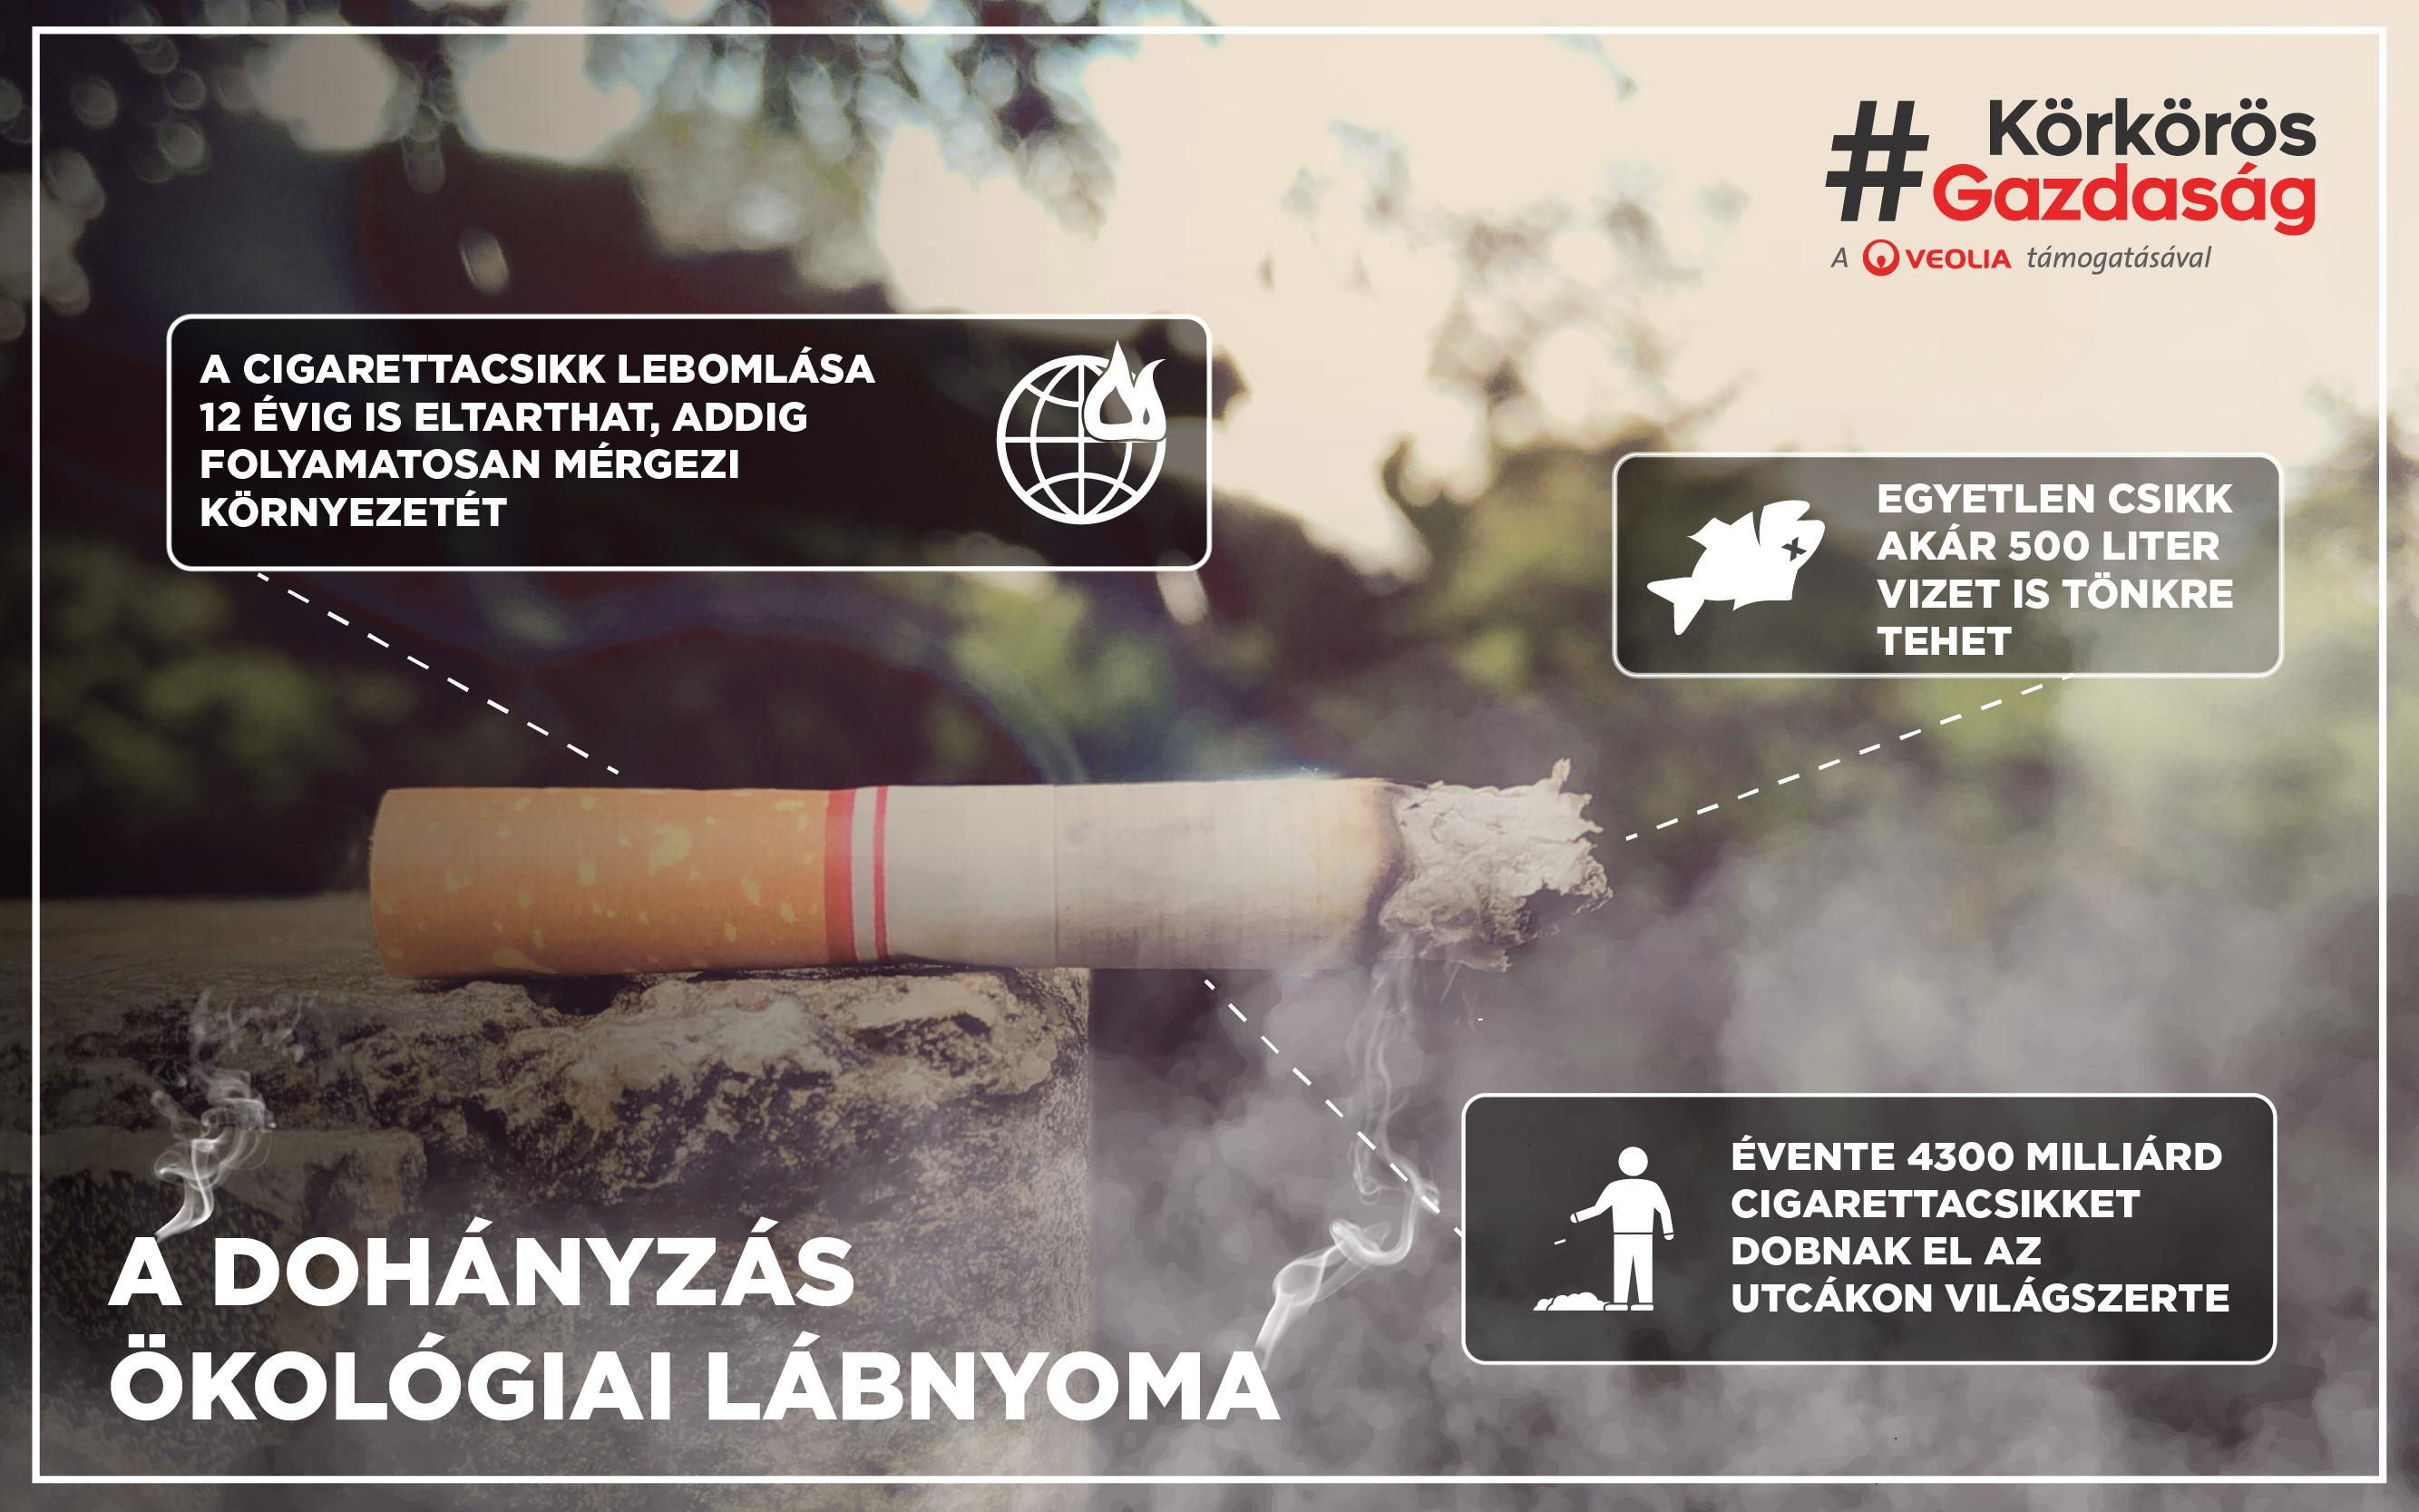 leszokni lehet a dohányzásról hogyan lehet bebizonyítani egy lánynak hogy leszokott a dohányzásról